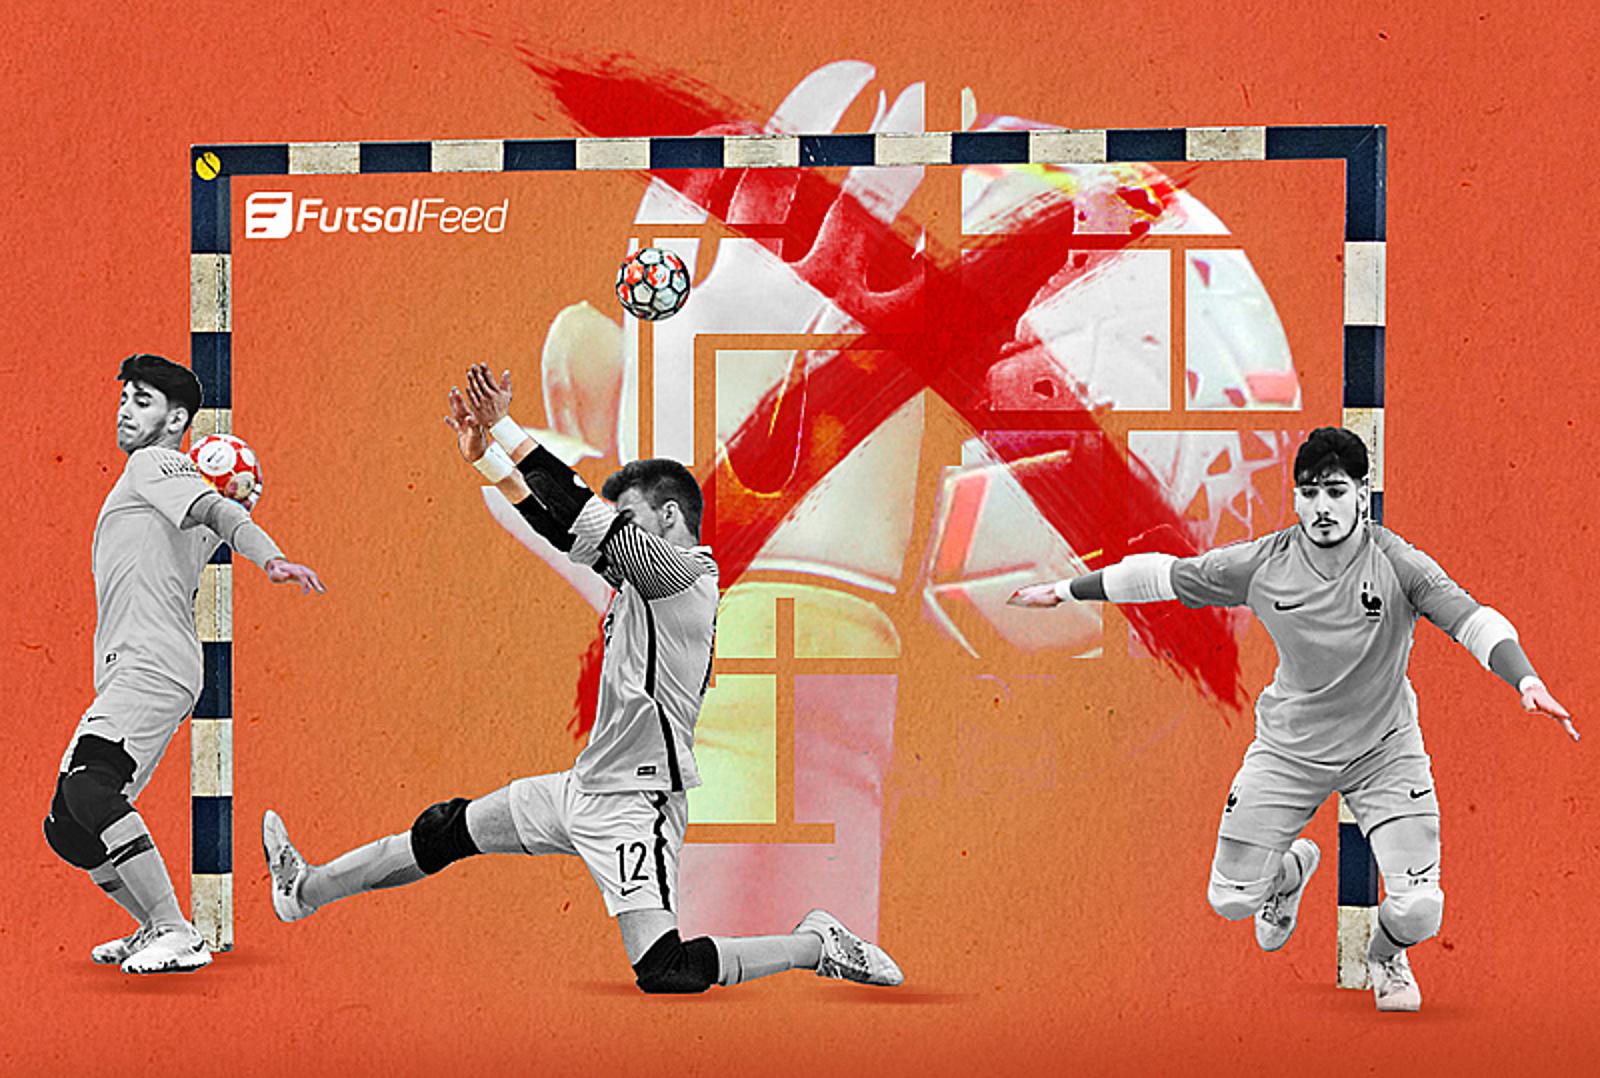 Futsal Goalkeepers